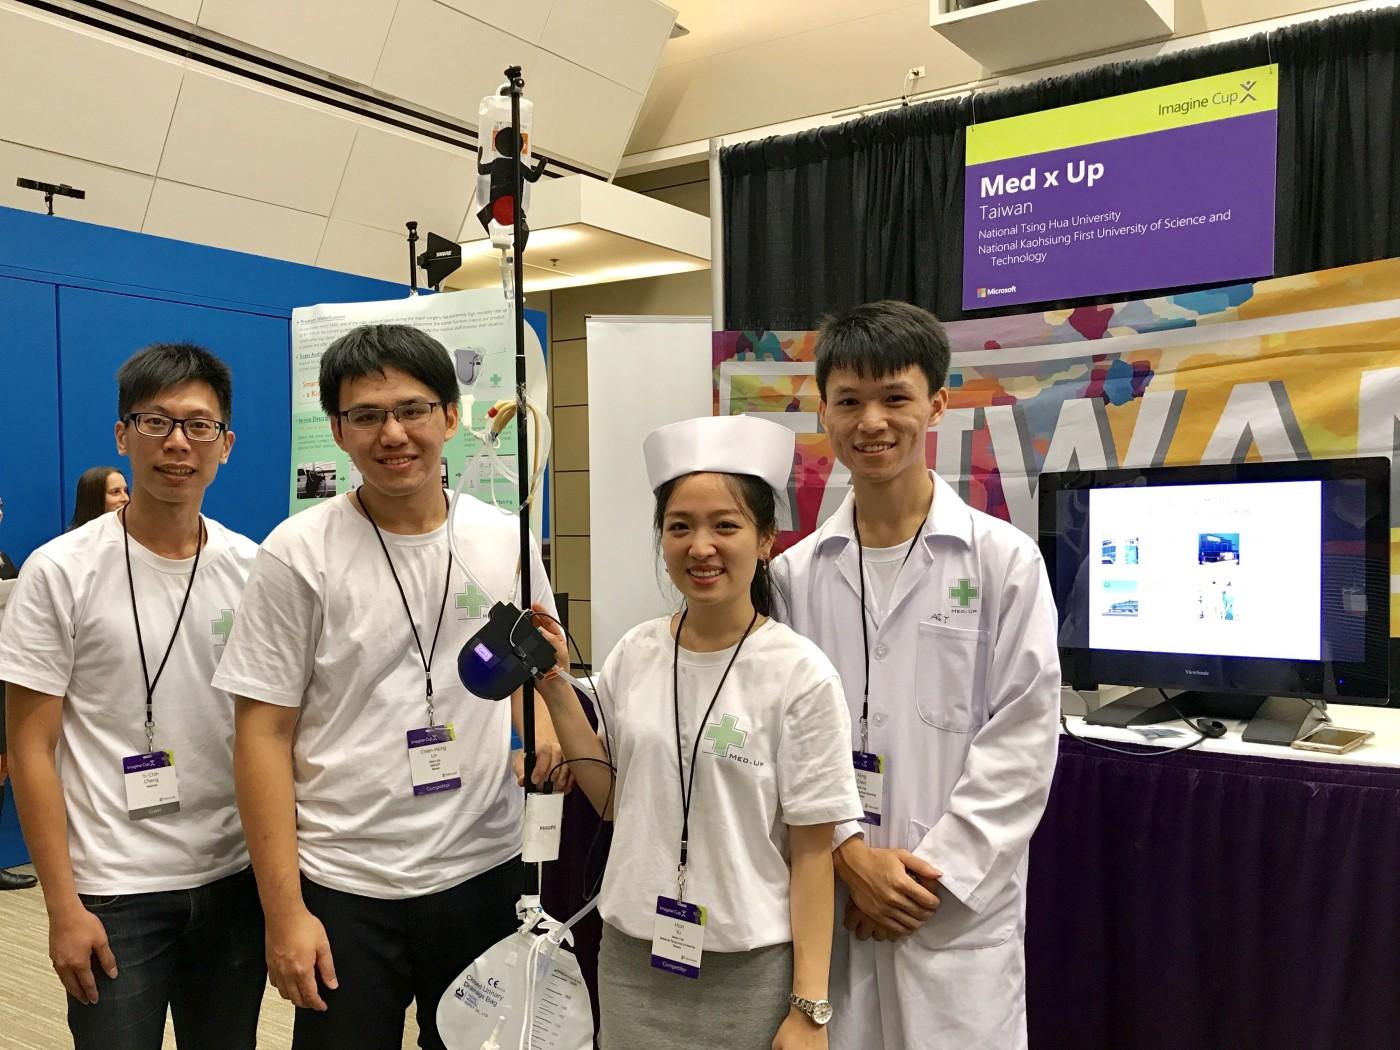 【西雅圖現場】拯救全球100萬條生命!用科技解決醫療問題,台灣學生發光「軟體界奧林匹克」